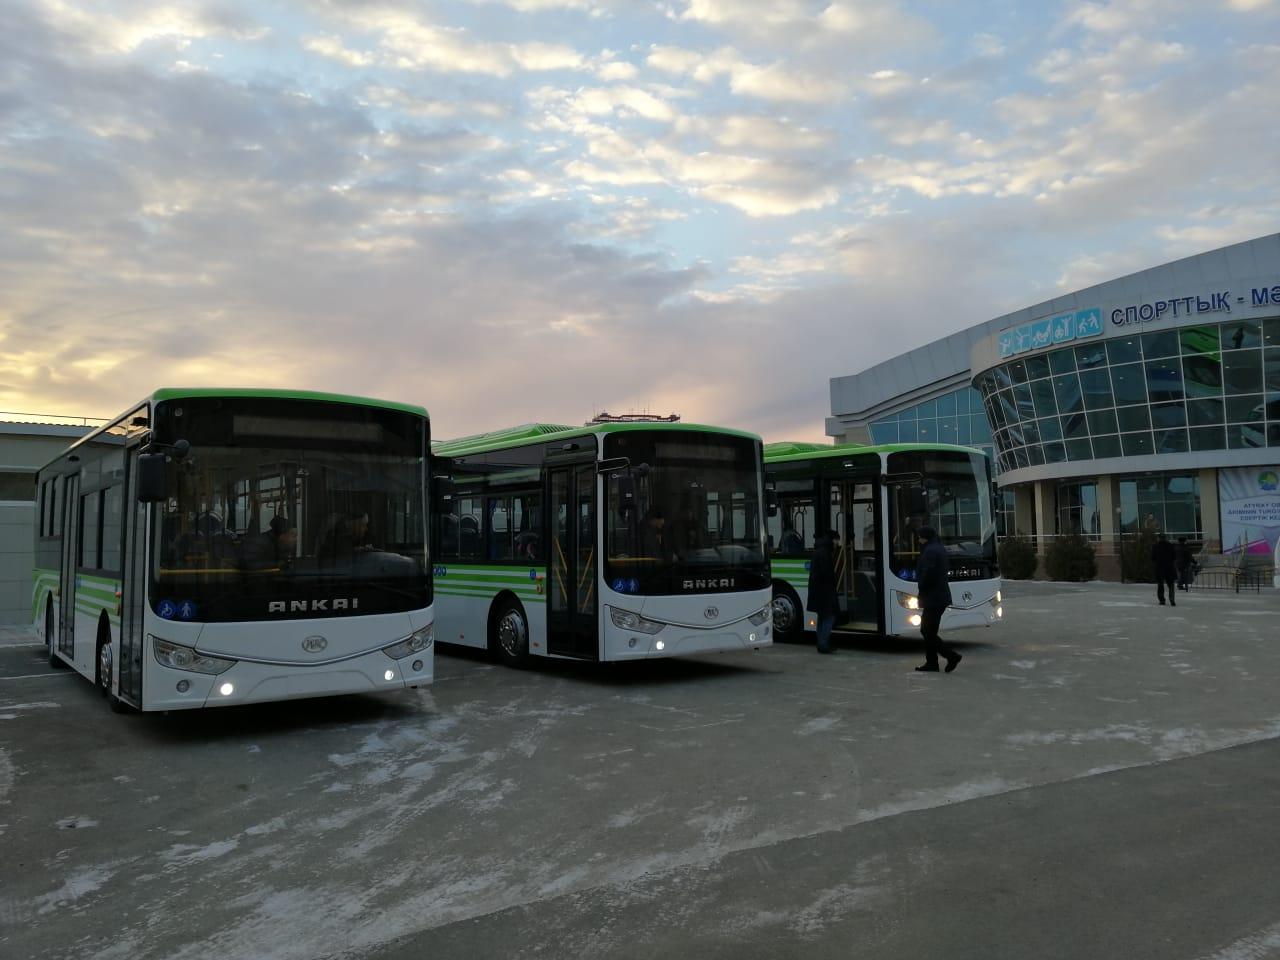 Анкай маркалы автобус